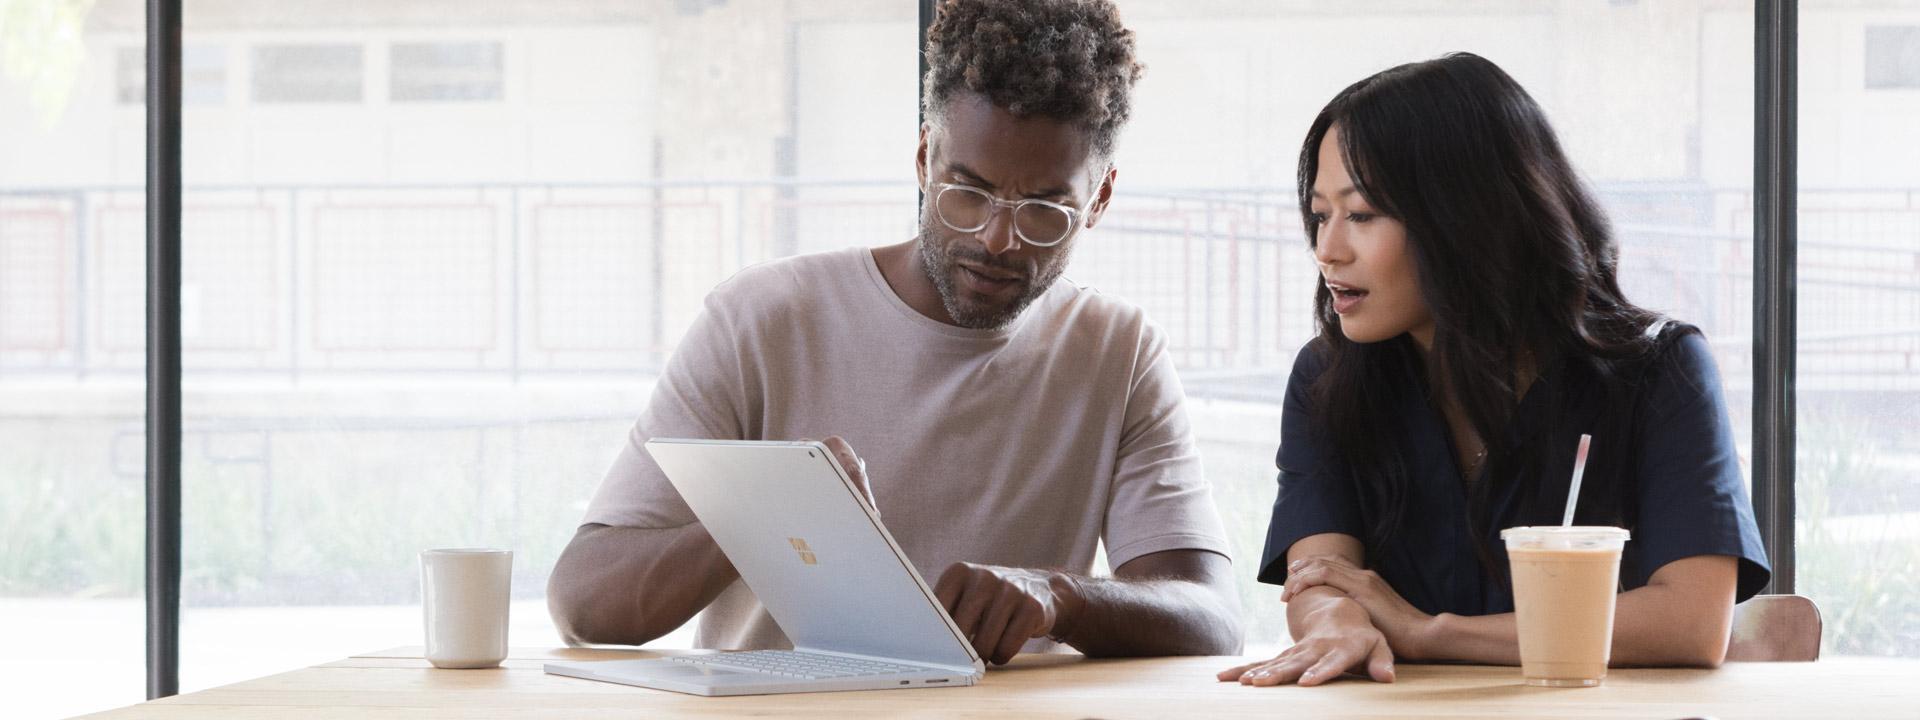 Un homme et une femme qui regardent Surface Book 2 avec le clavier replié dans un café.